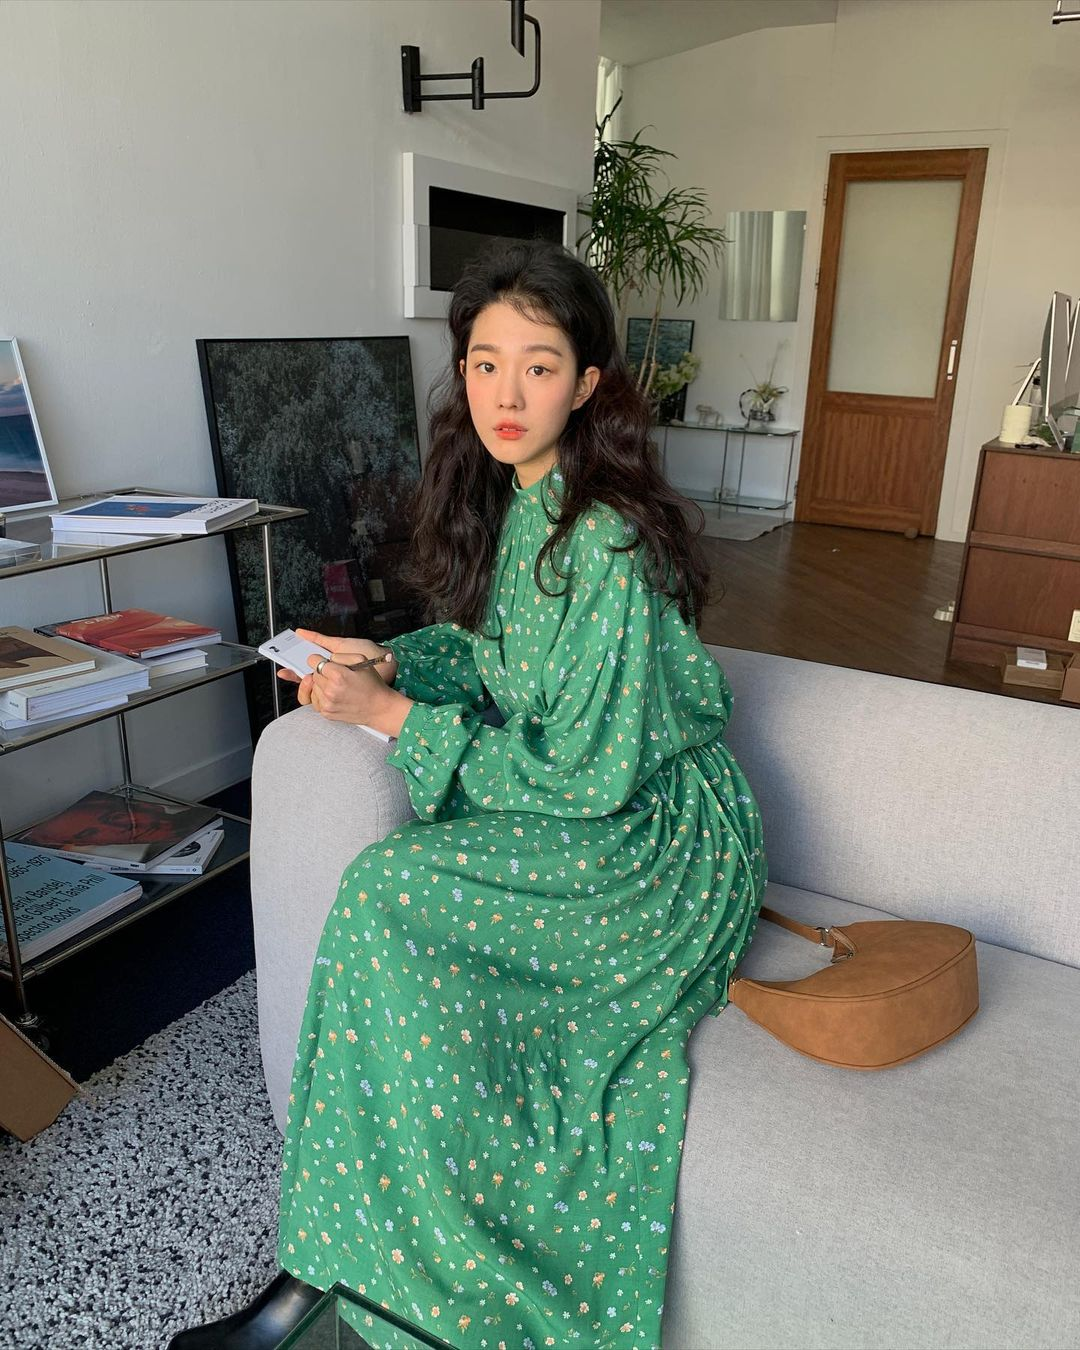 Diện váy theo những công thức chuẩn Hàn này là suốt mấy ngày Tết bạn sẽ đều có outfit đẹp để du Xuân - Ảnh 1.